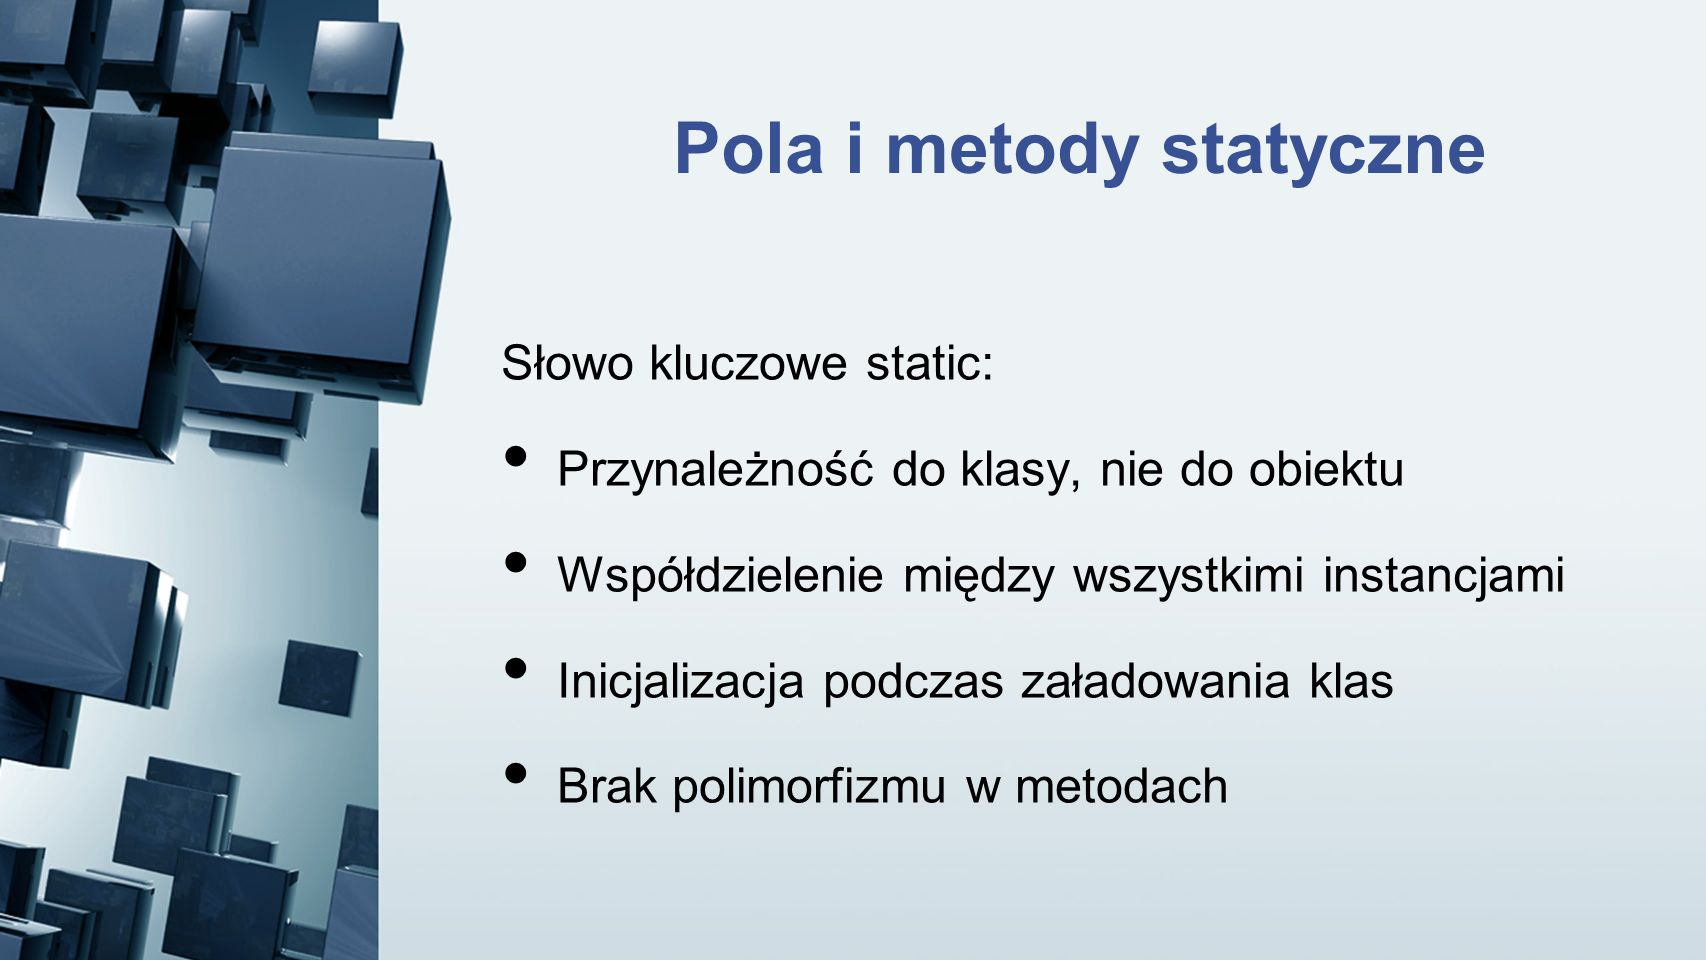 Słowo kluczowe static: Przynależność do klasy, nie do obiektu Współdzielenie między wszystkimi instancjami Inicjalizacja podczas załadowania klas Brak